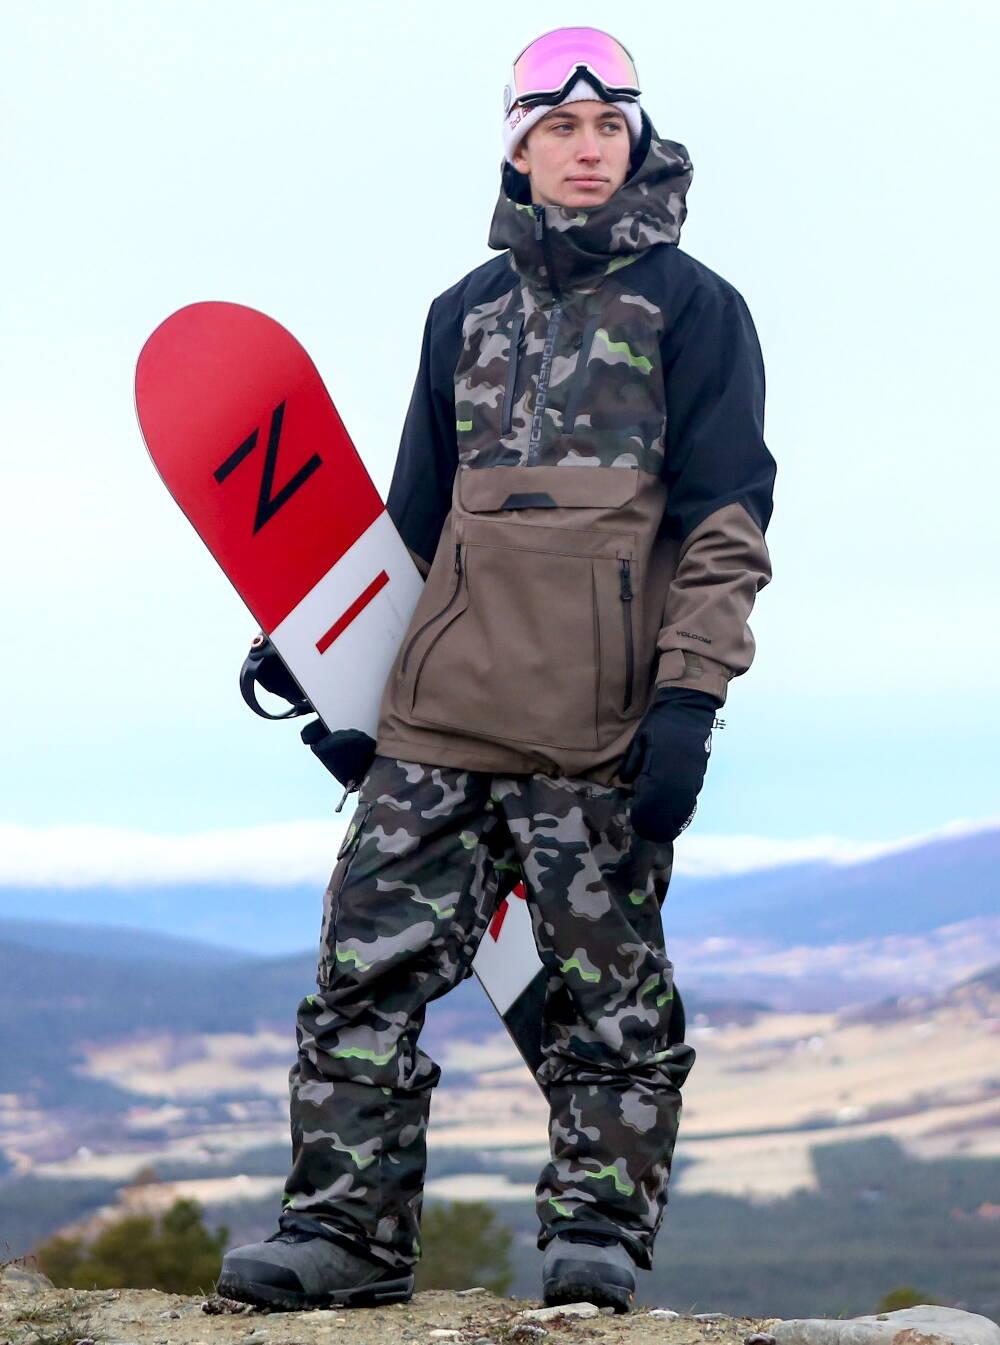 Volcom Snowwear 2